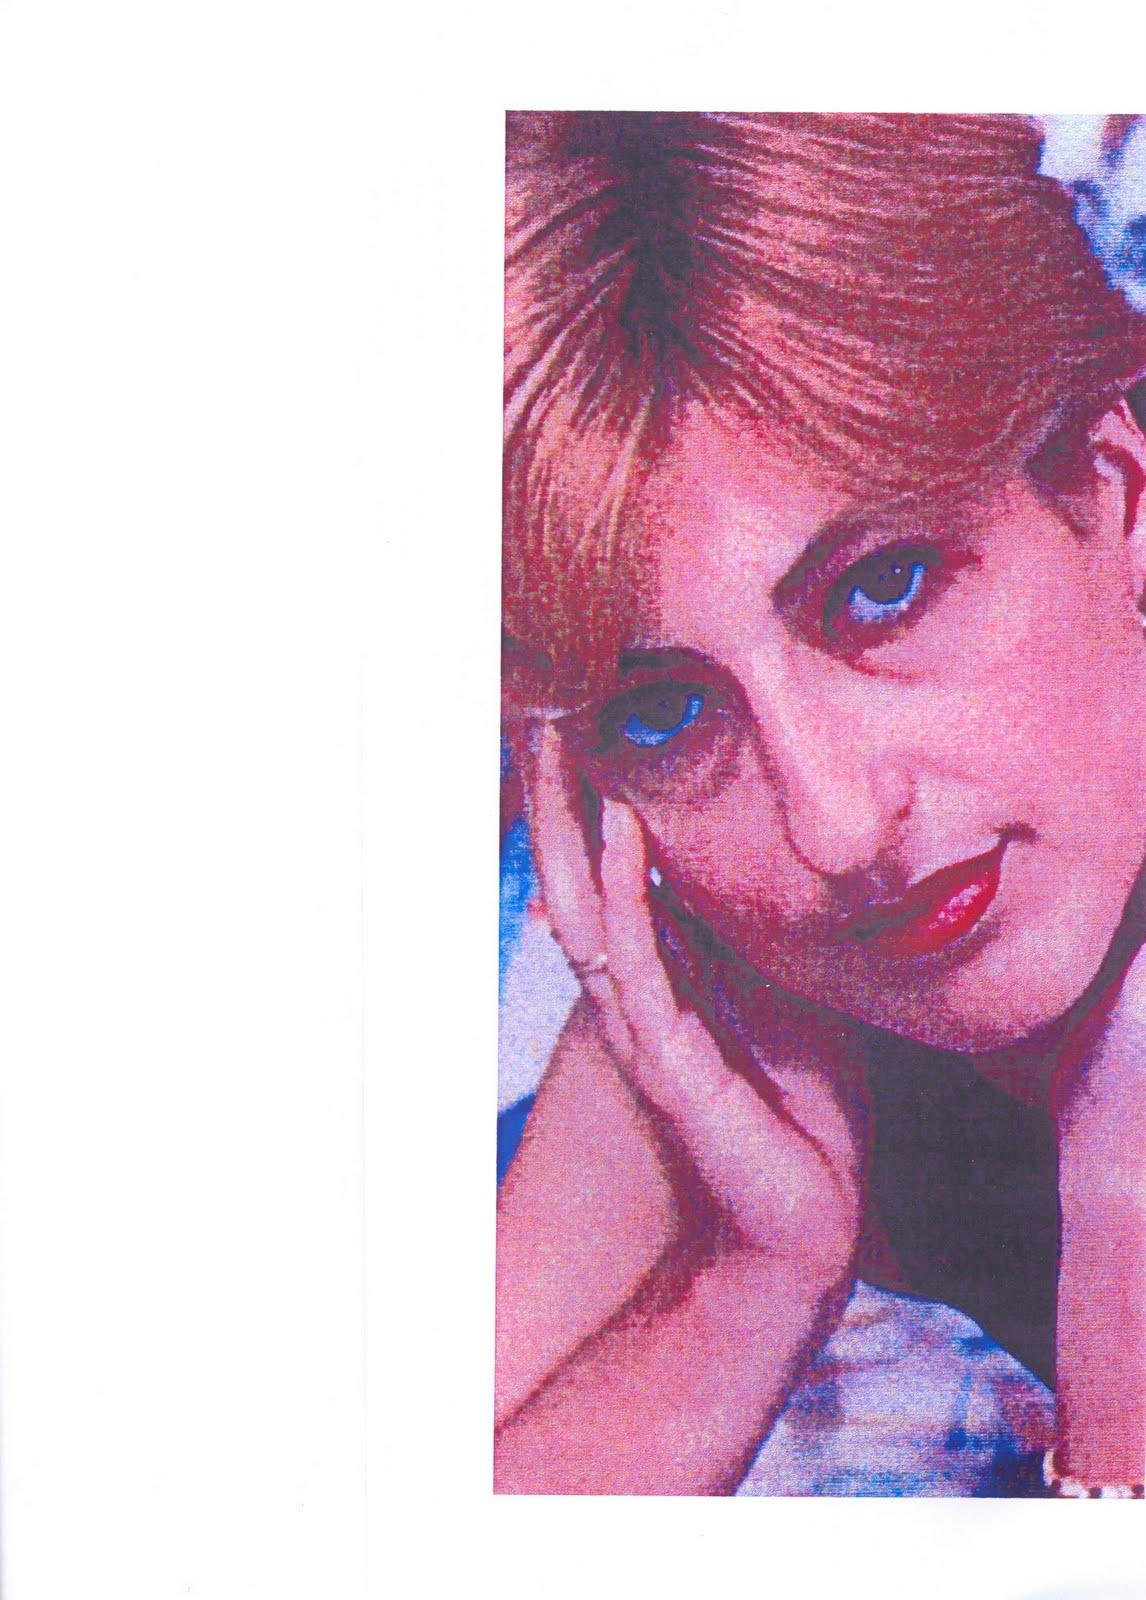 http://3.bp.blogspot.com/_cQtMxKvrdBg/S7woWeeb9jI/AAAAAAAAAv8/So5ymxmA6K8/s1600/Marisa.jpg